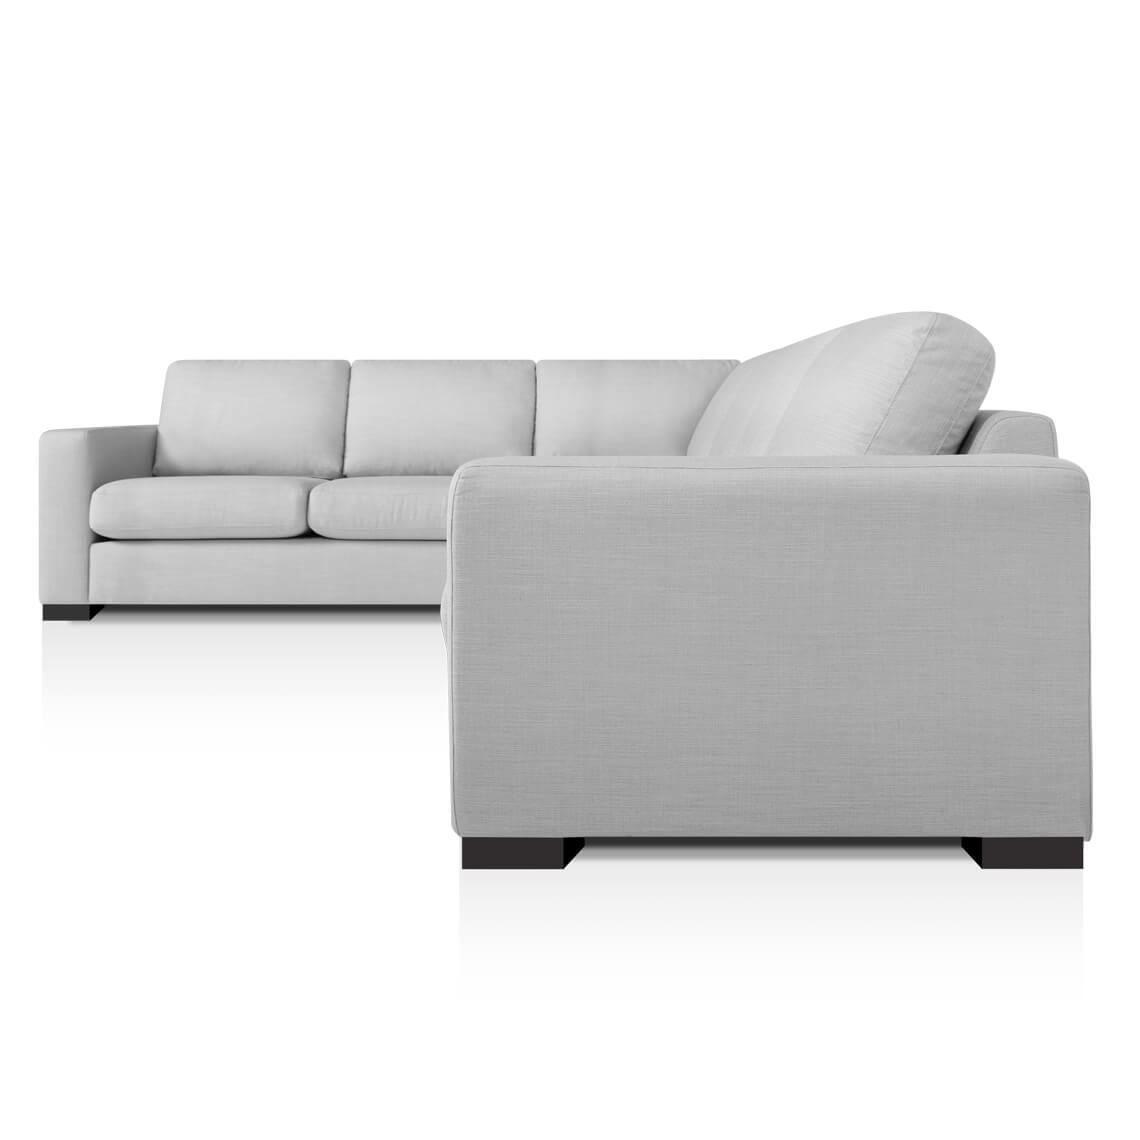 Signature Contemporary 6 Seat Fabric Corner Sofa With Left 2 Seat Modular Standard Steel Grey Corner Sofa Unique Sofas Sofa